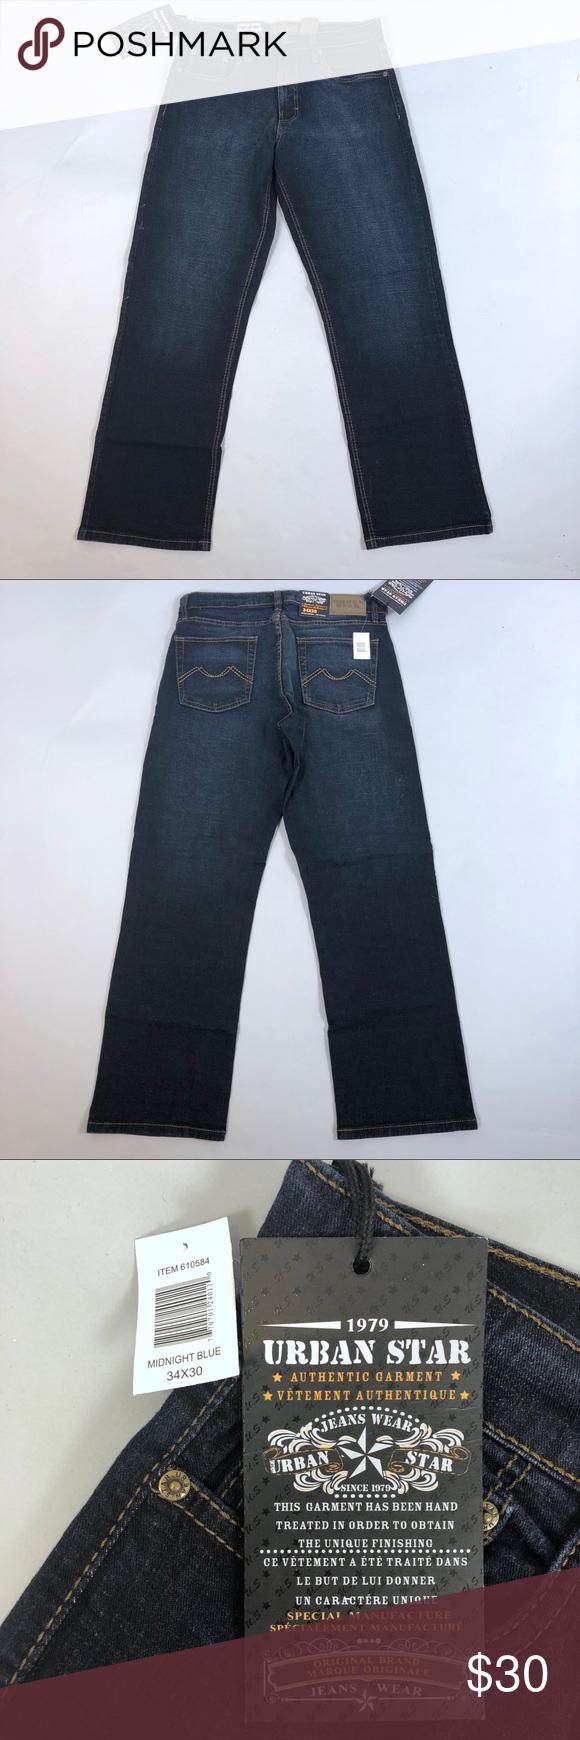 fa817832 Urban Star Men's Jeans 34x30 Midnight Blue NWT Urban Star Mens Relaxed  Straight Denim Jeans Midnight Blue Size 34x30 NEW Relaxed fit, straight leg.